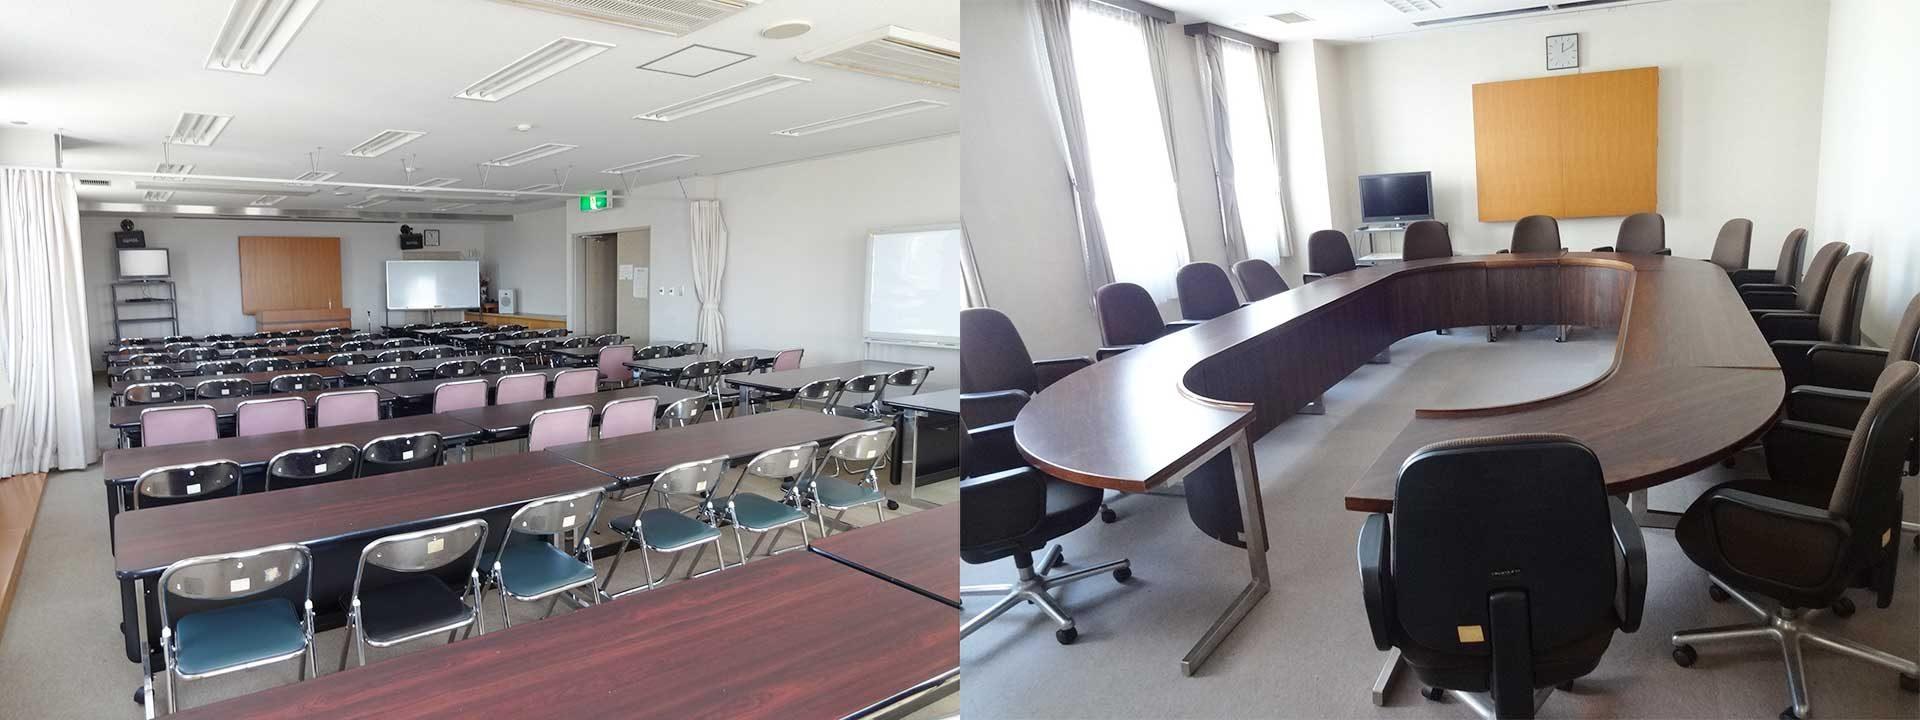 最大収容人員81名の一般研修室と落ち着いた調度品の特別会議室、こちらは18名様までのご利用が可能です。